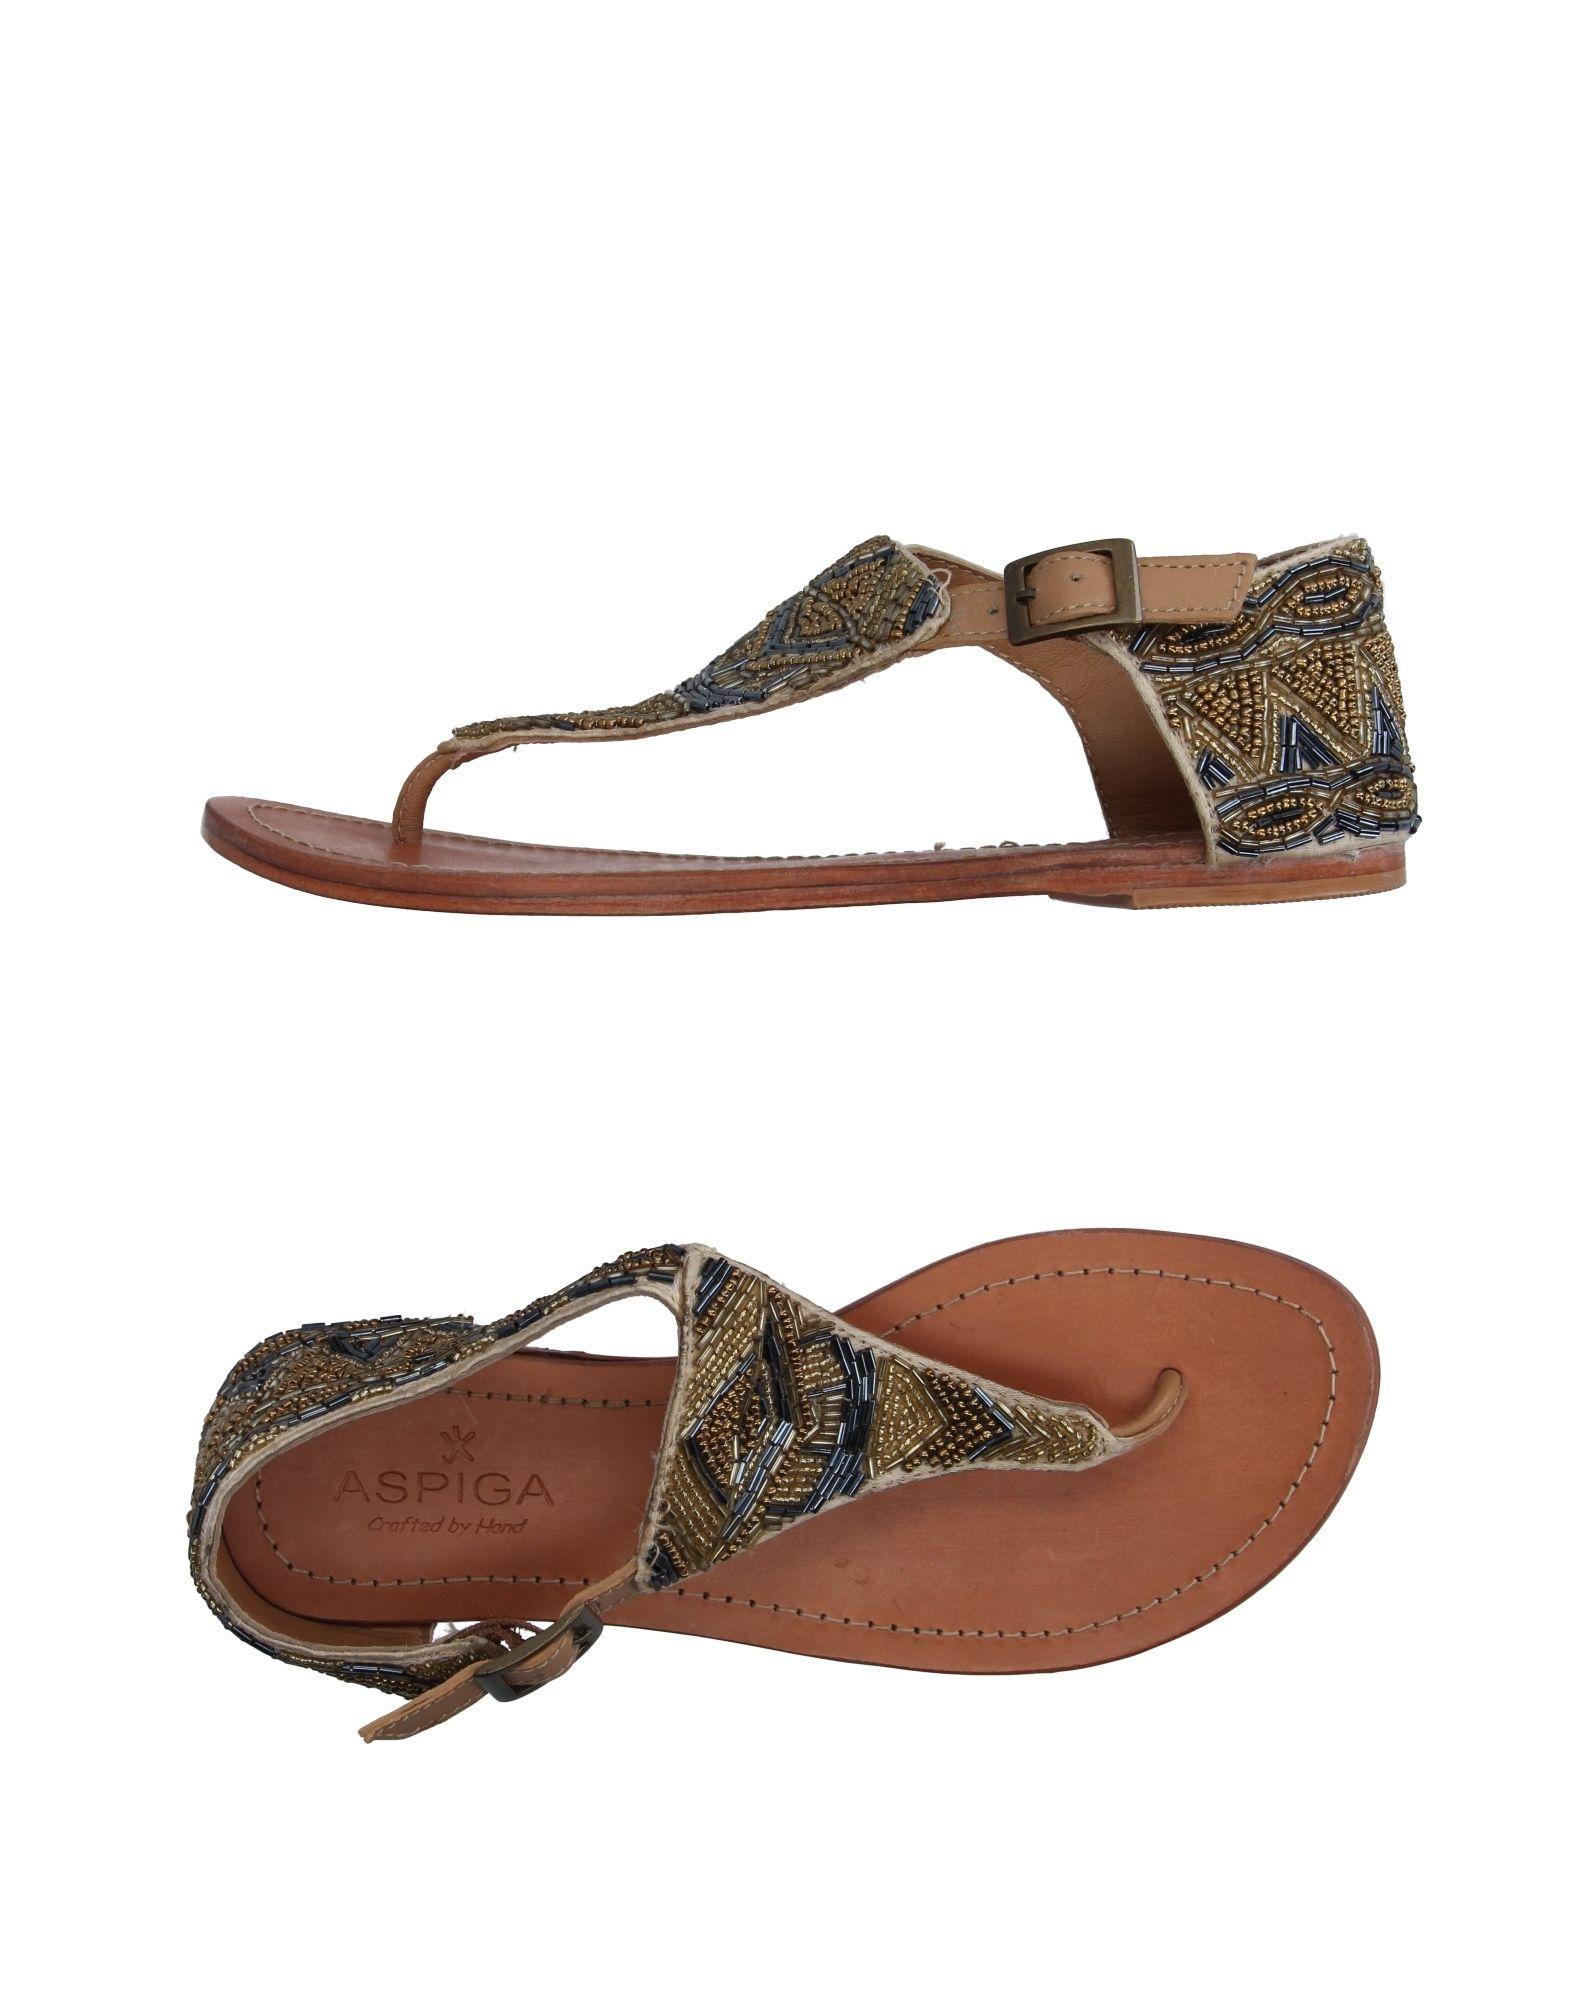 Aspiga Dianetten Damen  11138121NU Gute Qualität beliebte Schuhe